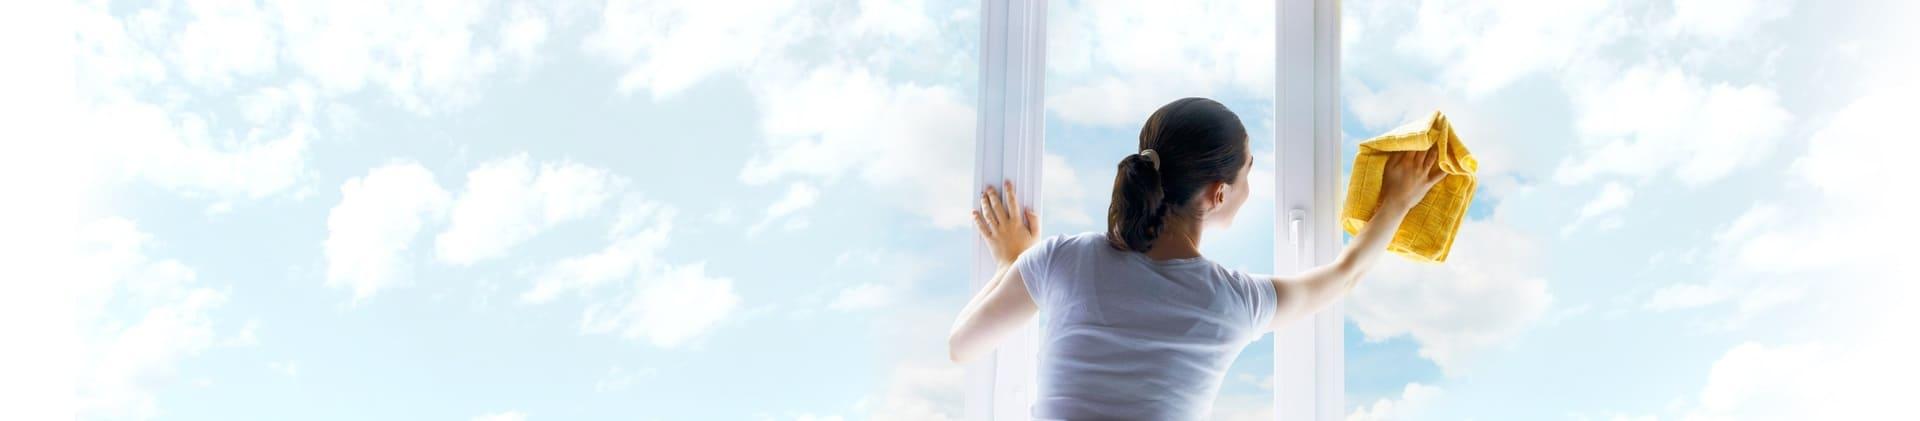 Fensterreinigung,Fenster reinigung,Reinigung der Fenster